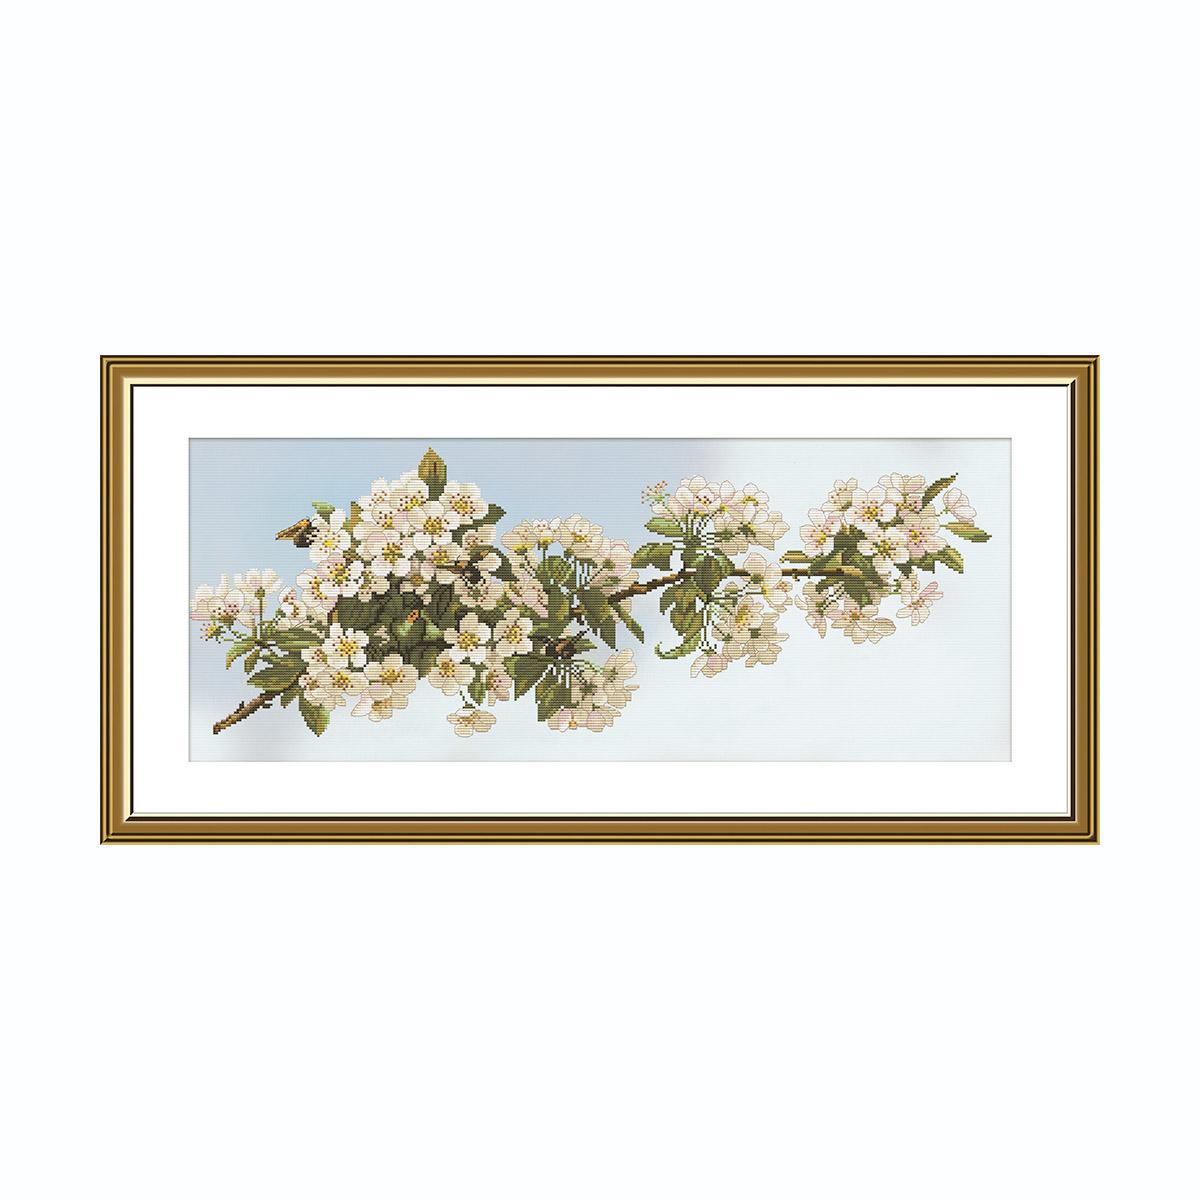 СР1505 Набор для вышивания 'Весна в саду'50*20 см